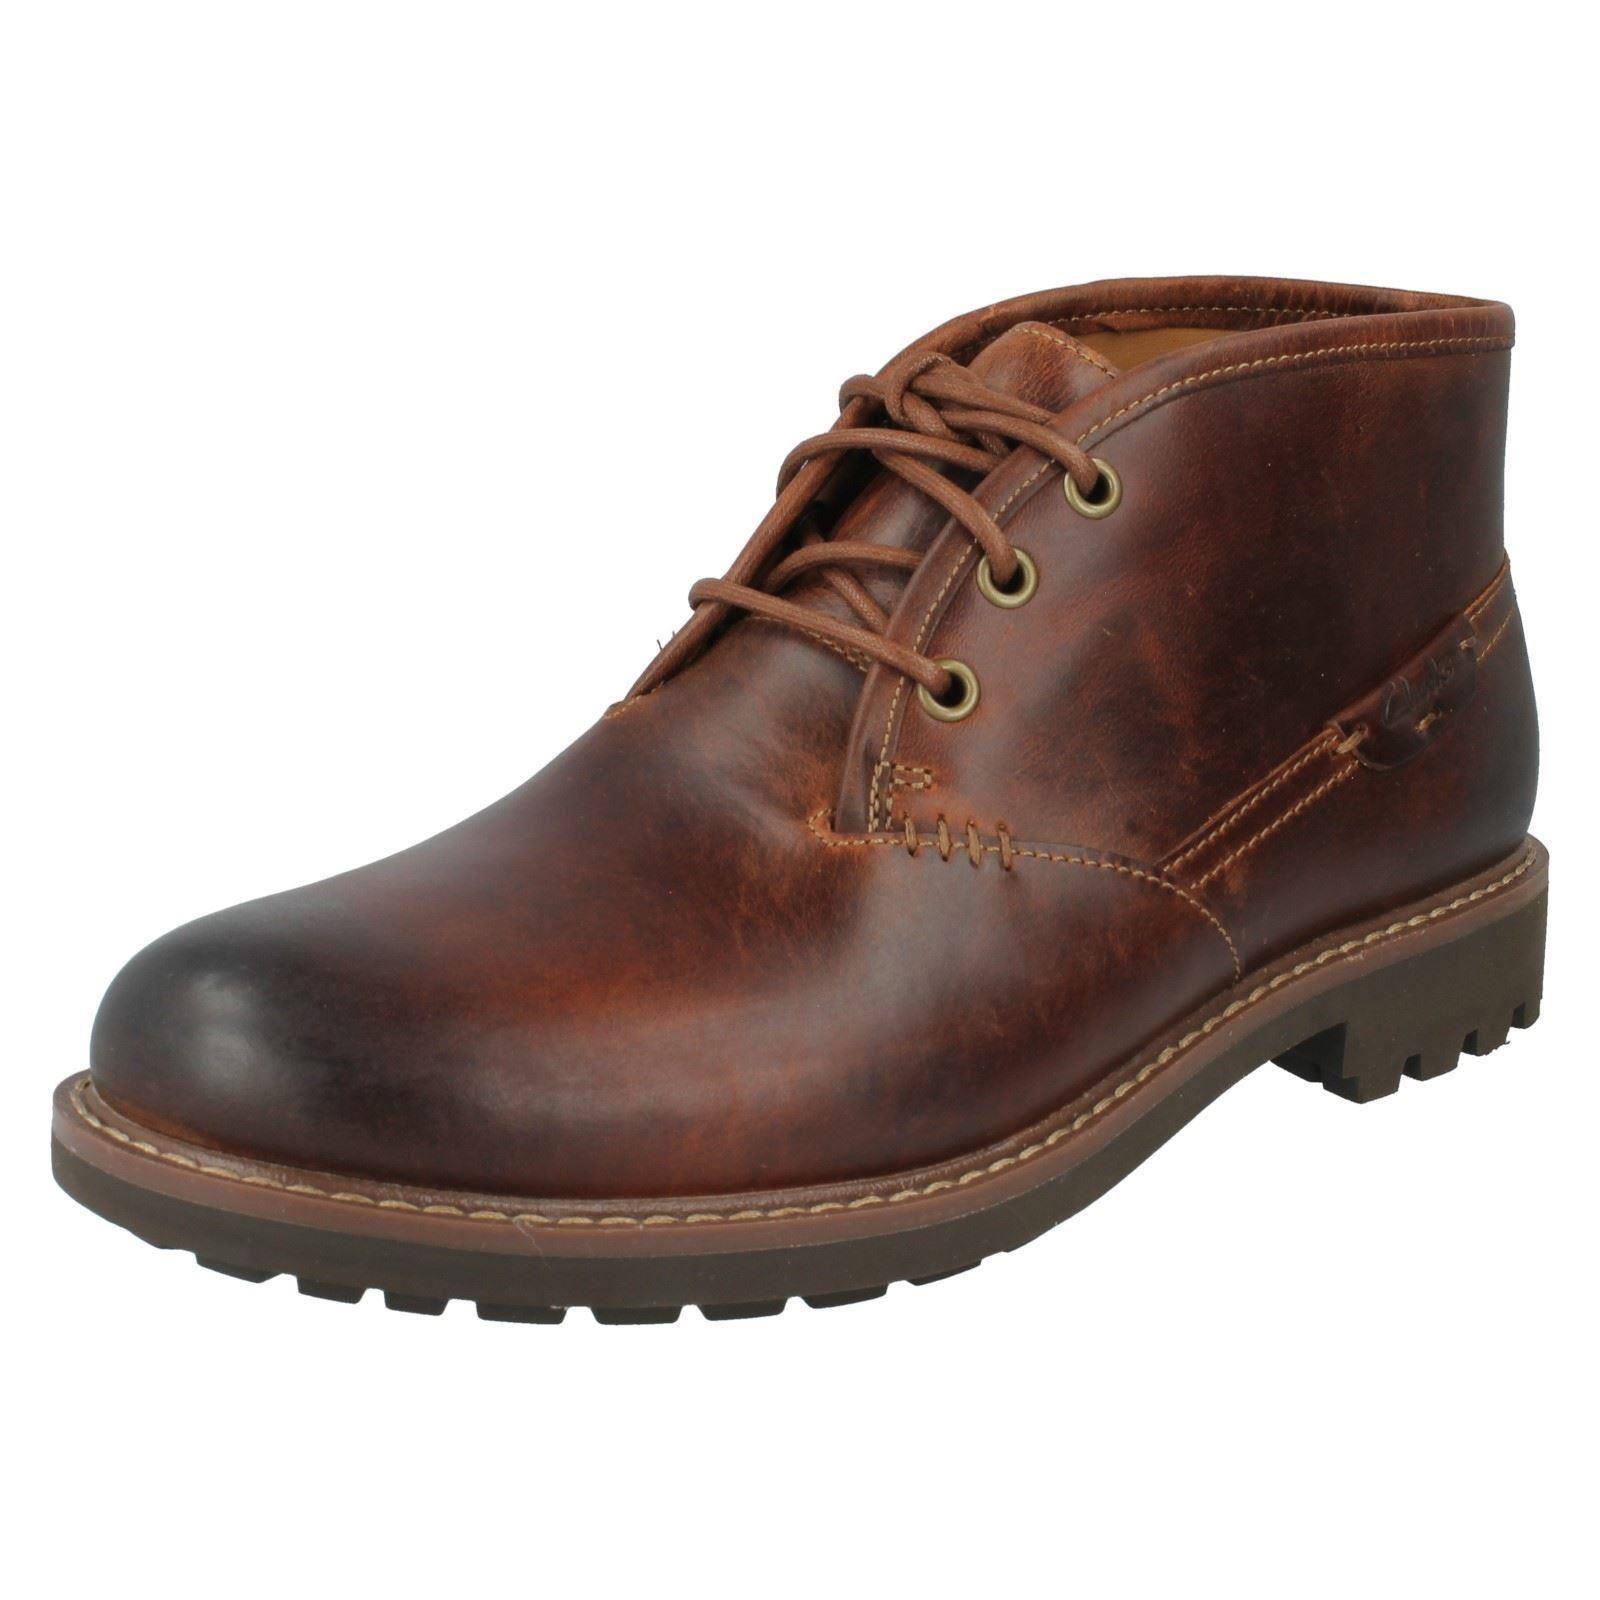 Steel Blue 'Hobart' 312101 Work Boots In Wheat Nubuck. Steel Toe Toe Steel Cap Safety c49a41